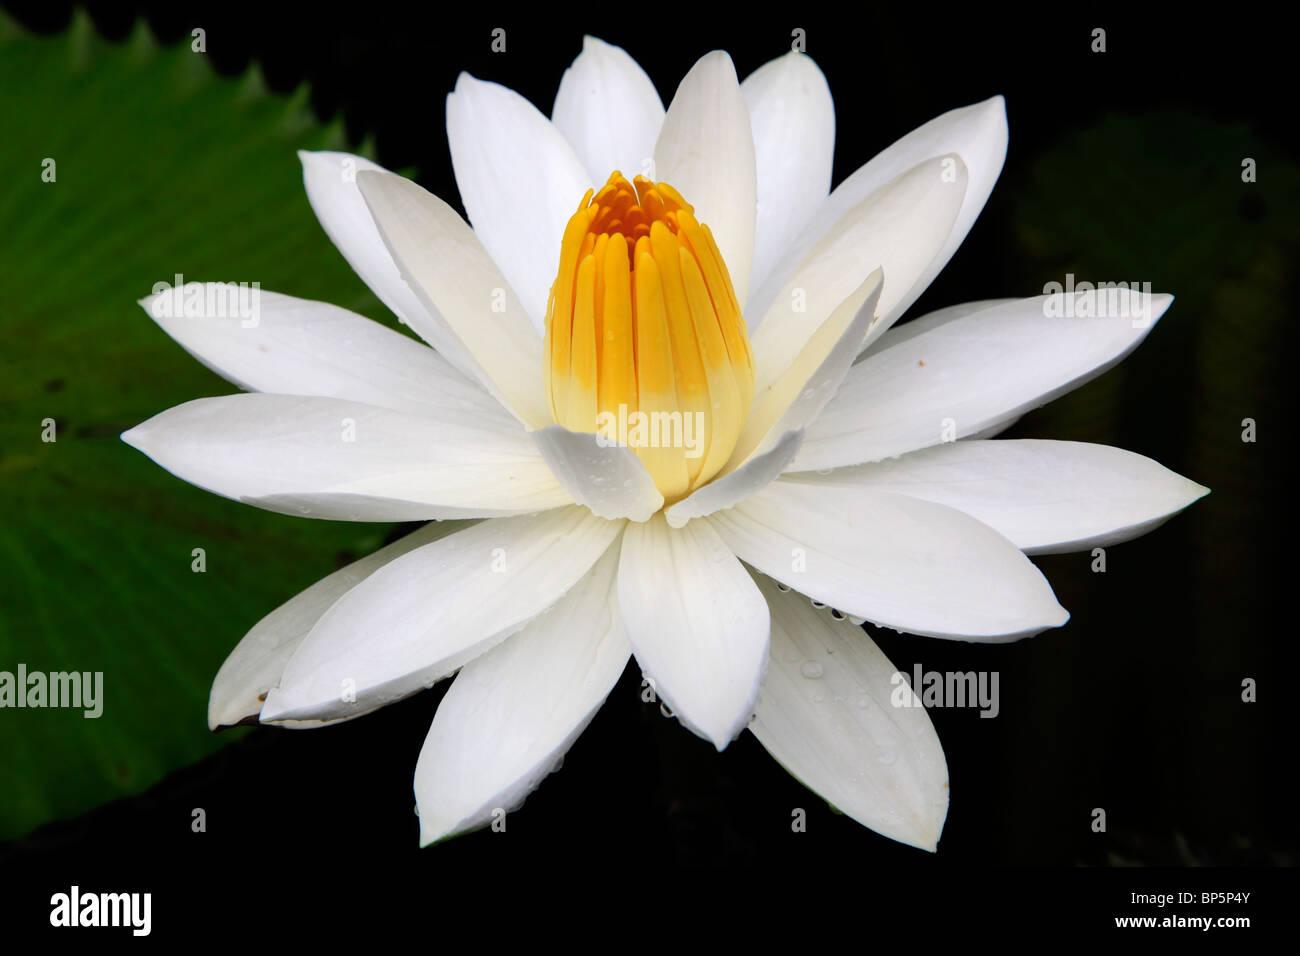 Lotus flower stock photos lotus flower stock images alamy indonesia java near borobodur lotus flower stock image izmirmasajfo